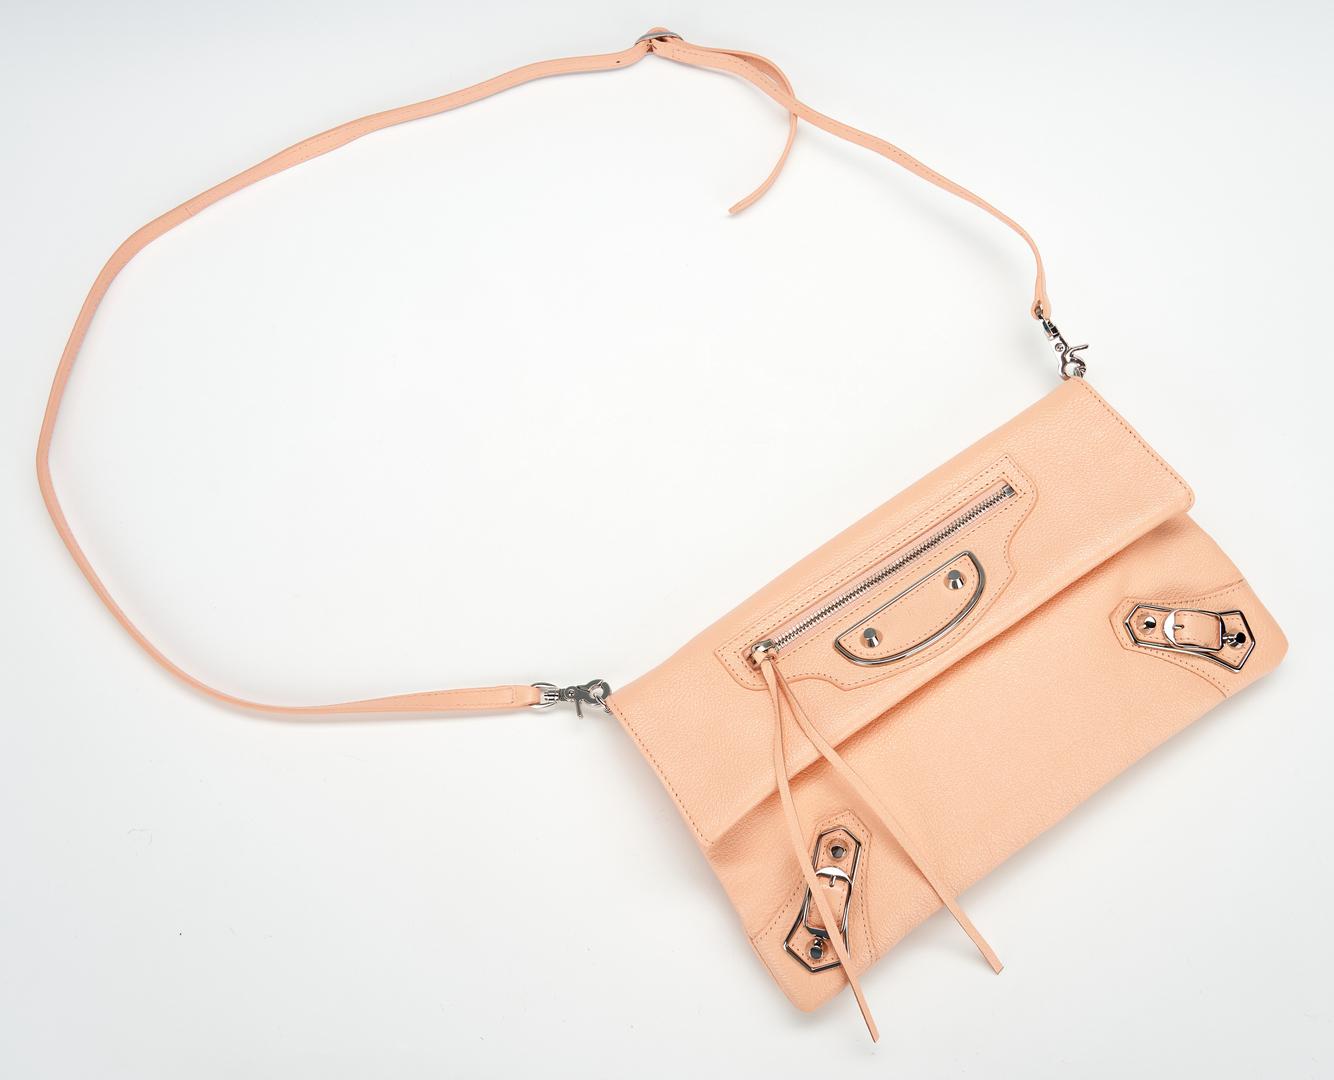 Lot 1030: Balenciaga Light Coral Envelope Crossbody Bag